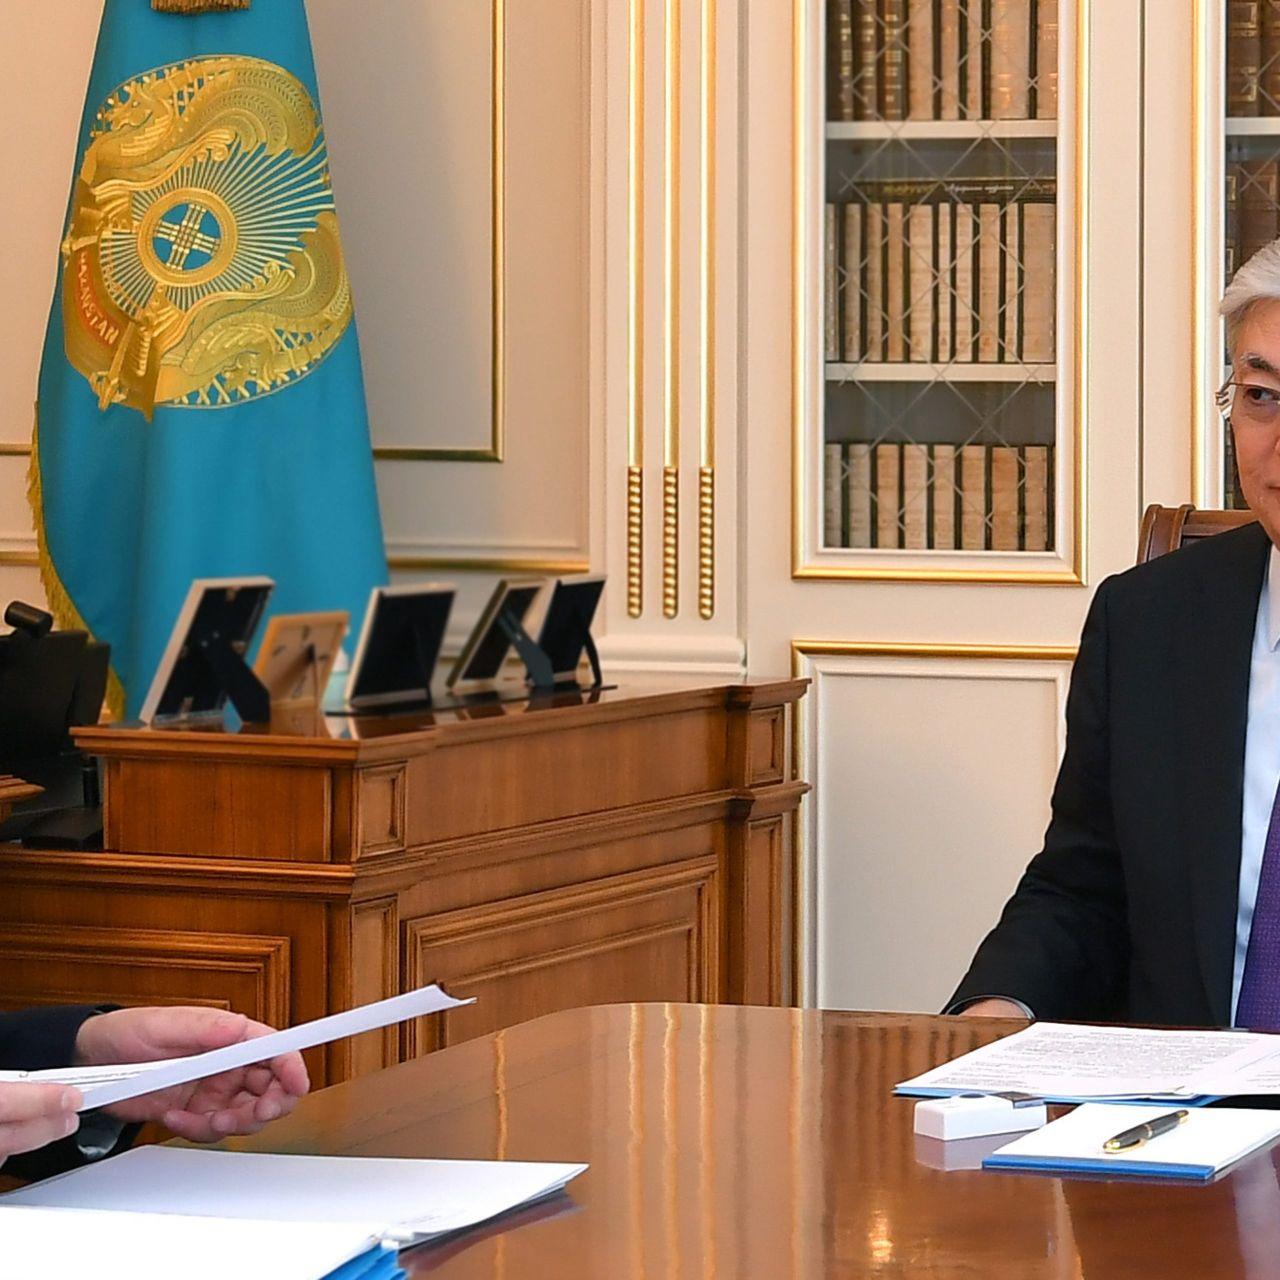 Мемлекет басшысы Еңбек және халықты әлеуметтік қорғау министрі Біржан Нұрымбетовті қабылдады